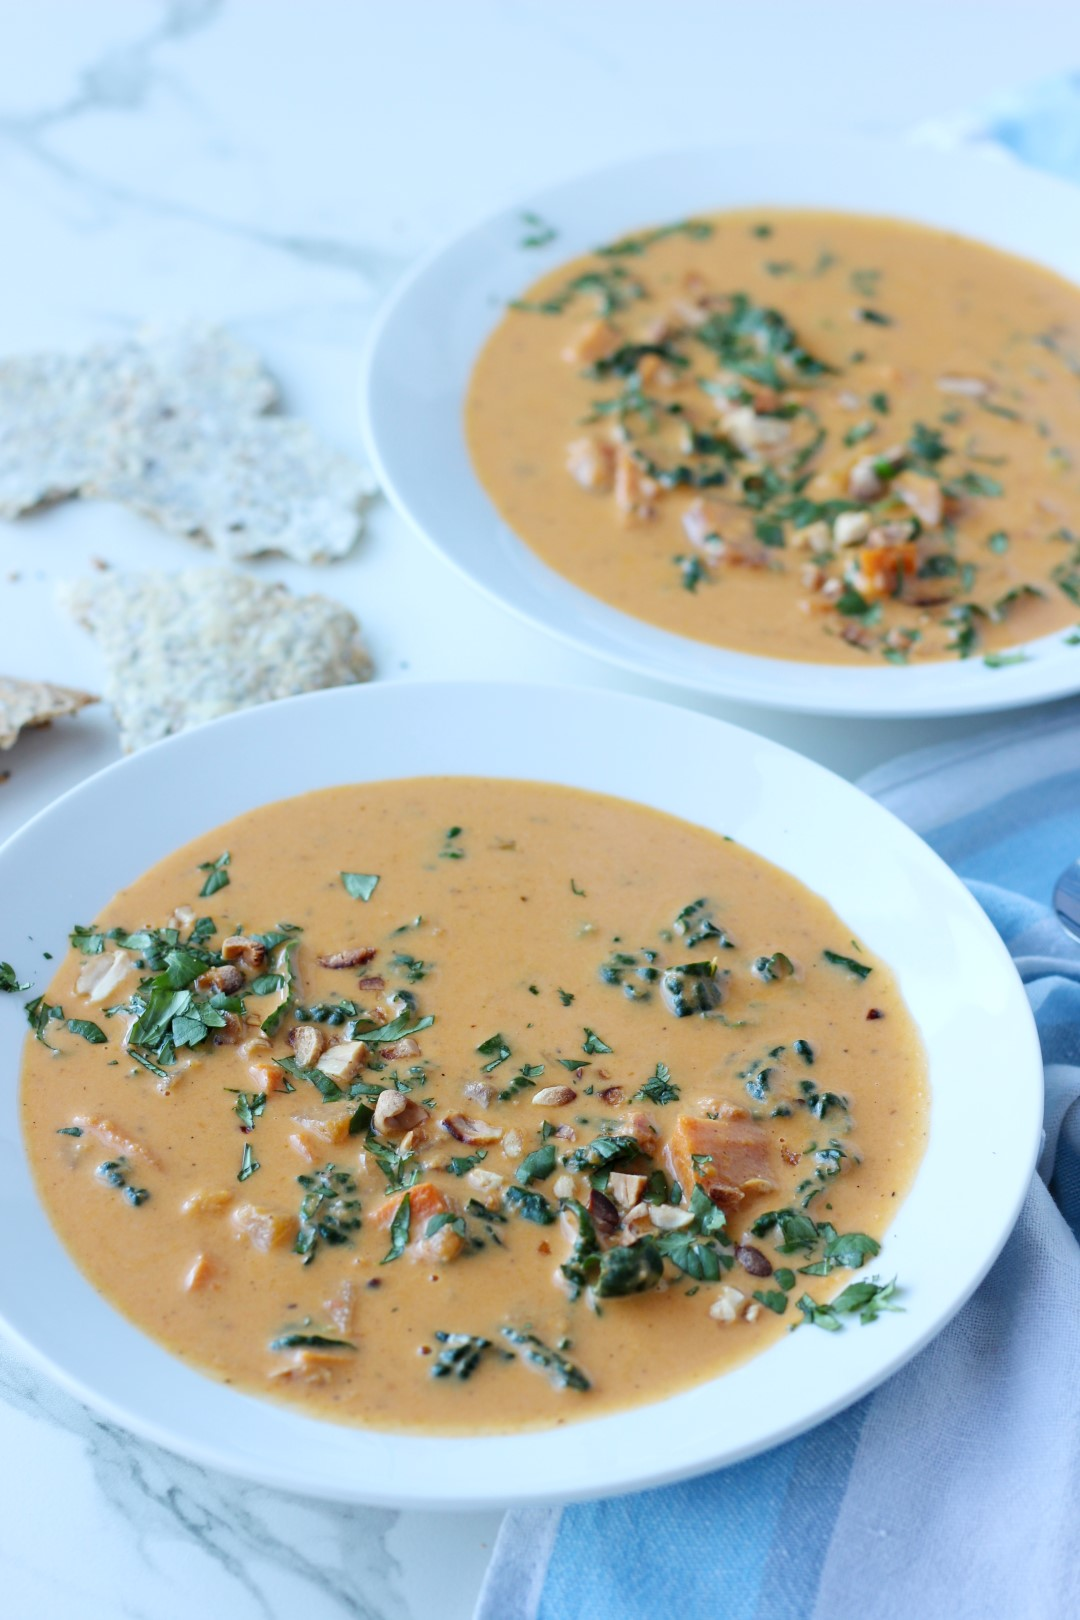 sopa de boniato, jengibre y kale, receta de cocina